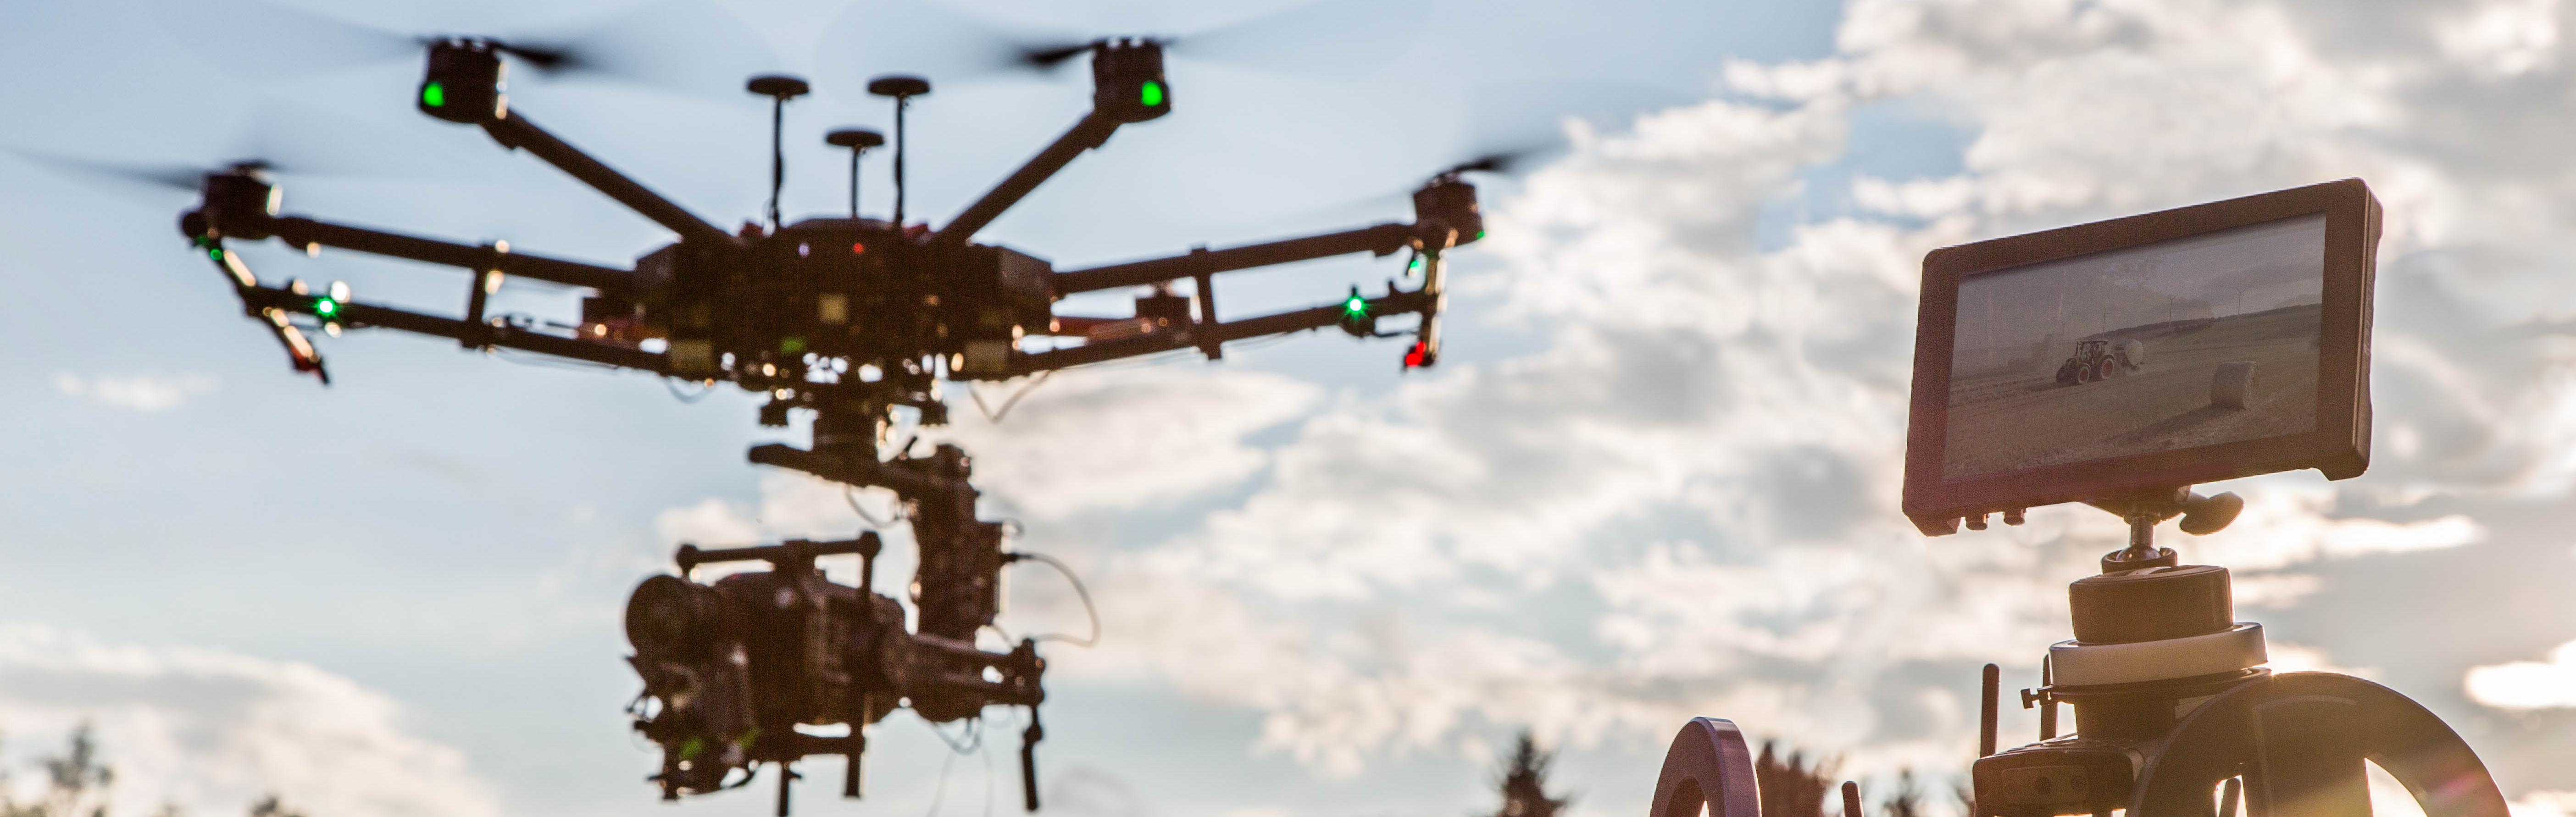 Aerial Cinematography drone pilot DJI Inspire drone munich bavaria castle neuschwanstein bayern drohnenteam Aerial Cinematography drone pilot